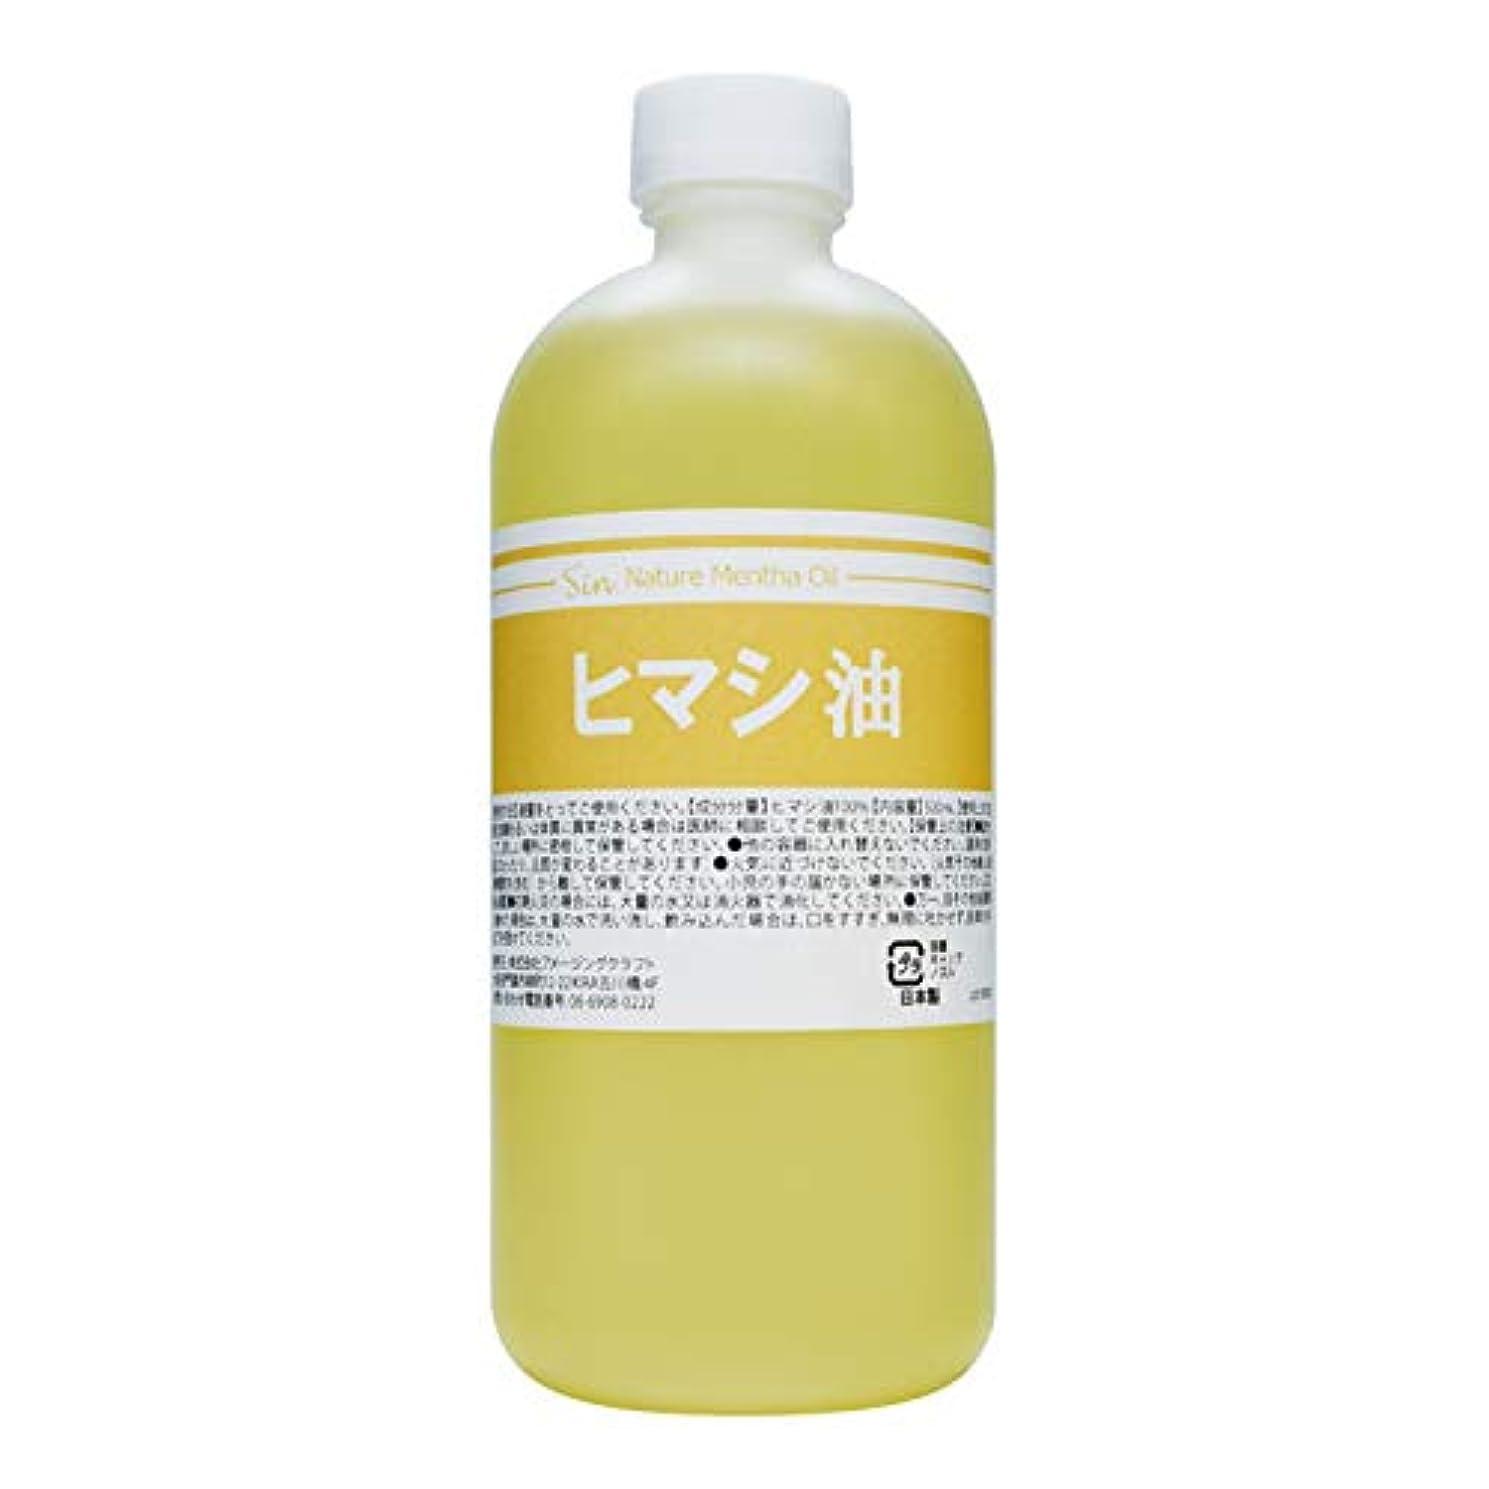 ブームスカーフ高さ天然無添加 国内精製 ひまし油 500ml (ヒマシ油 キャスターオイル)